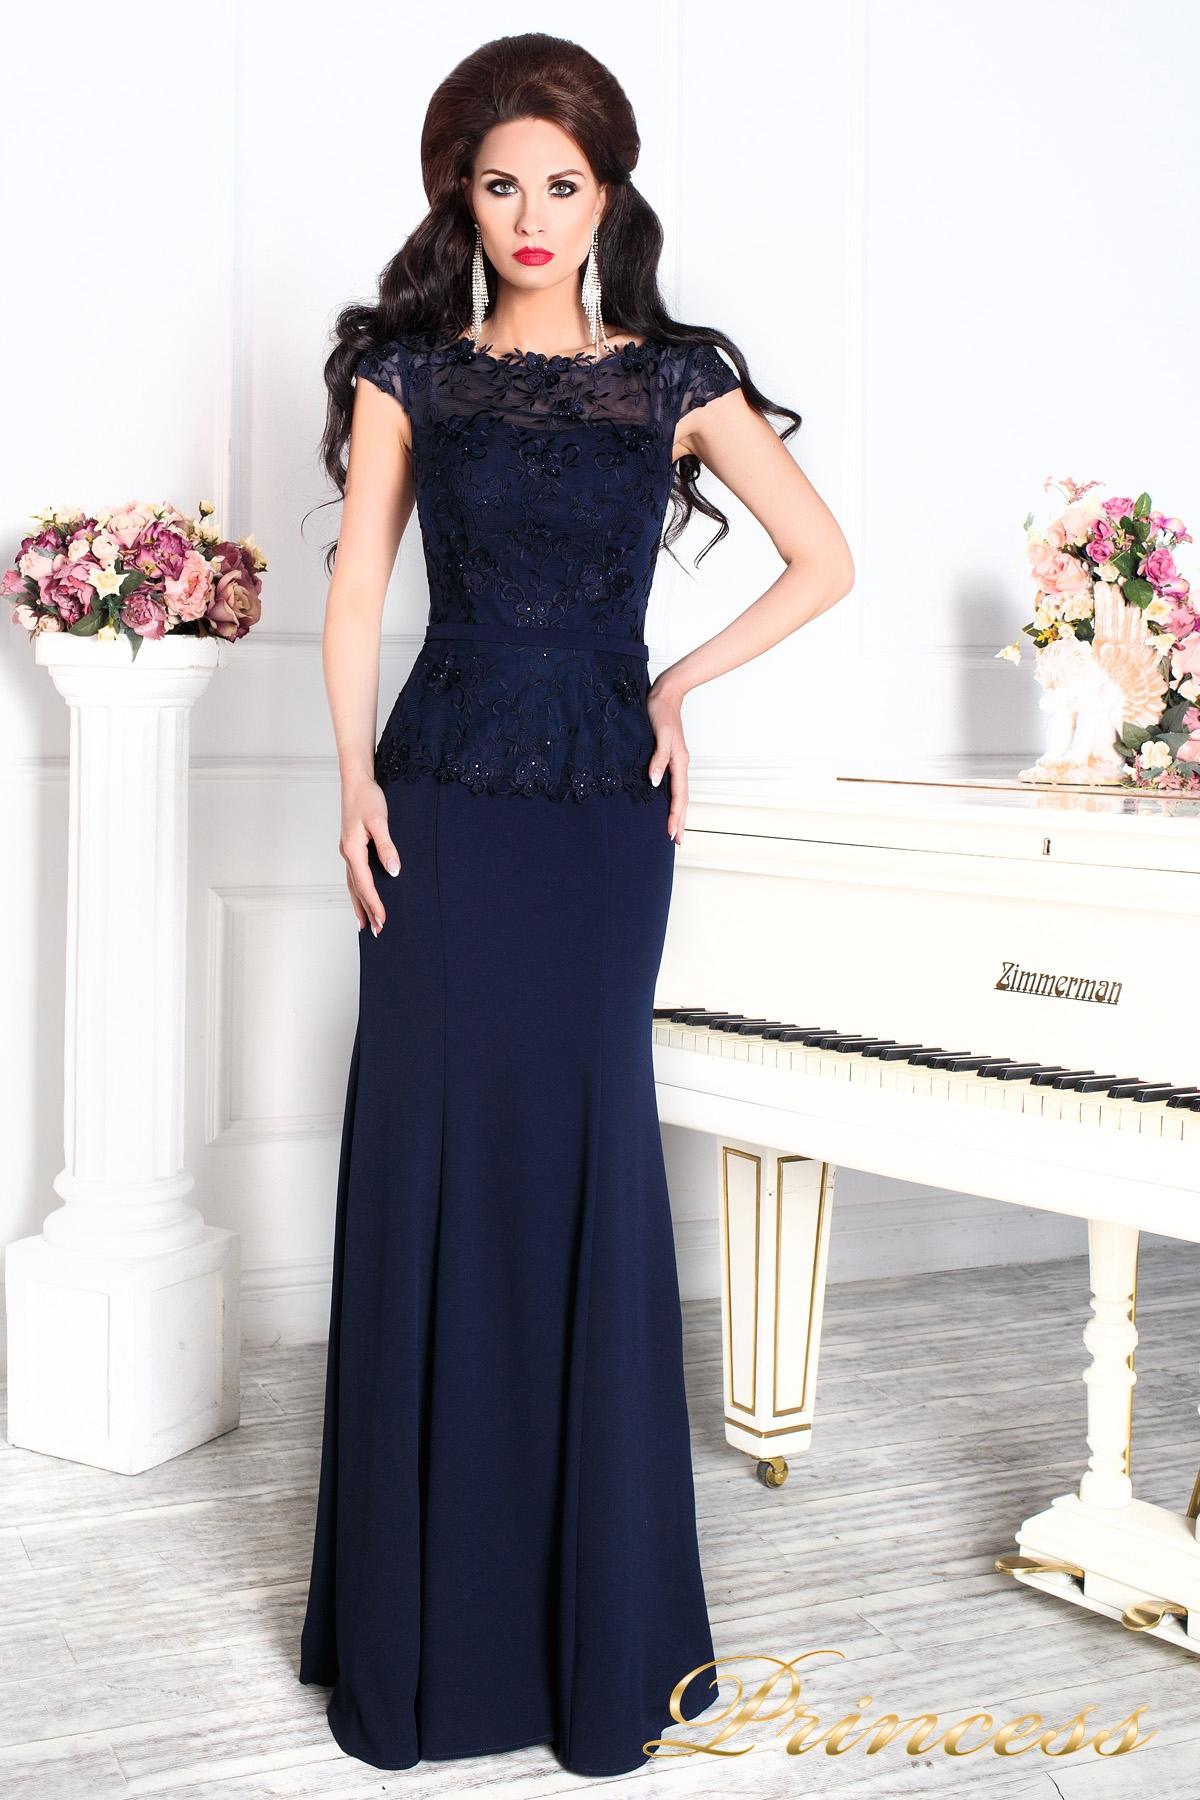 803b4274a8f Купить вечернее платье 12084 темно синего цвета navy синего цвета по ...